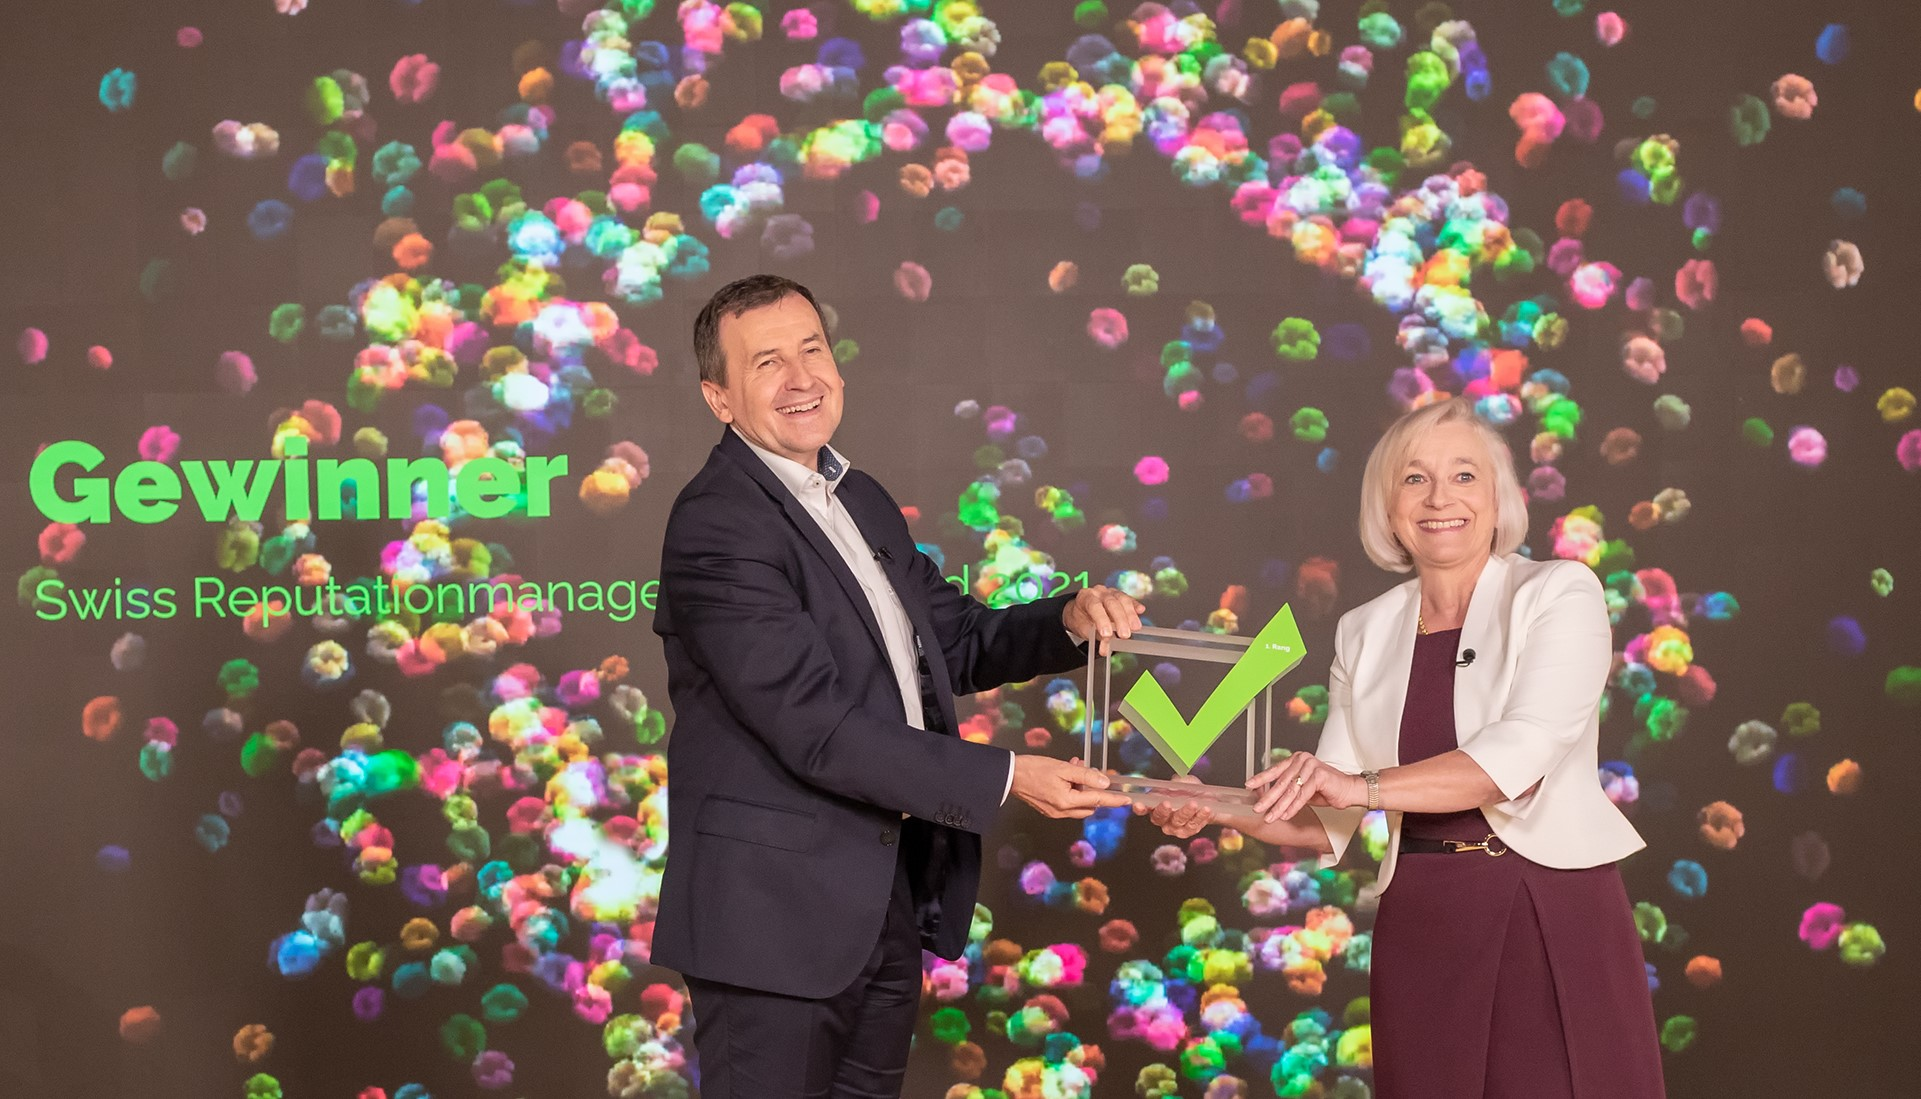 Der erste Swiss Reputationmanagement Award geht an Nestlé